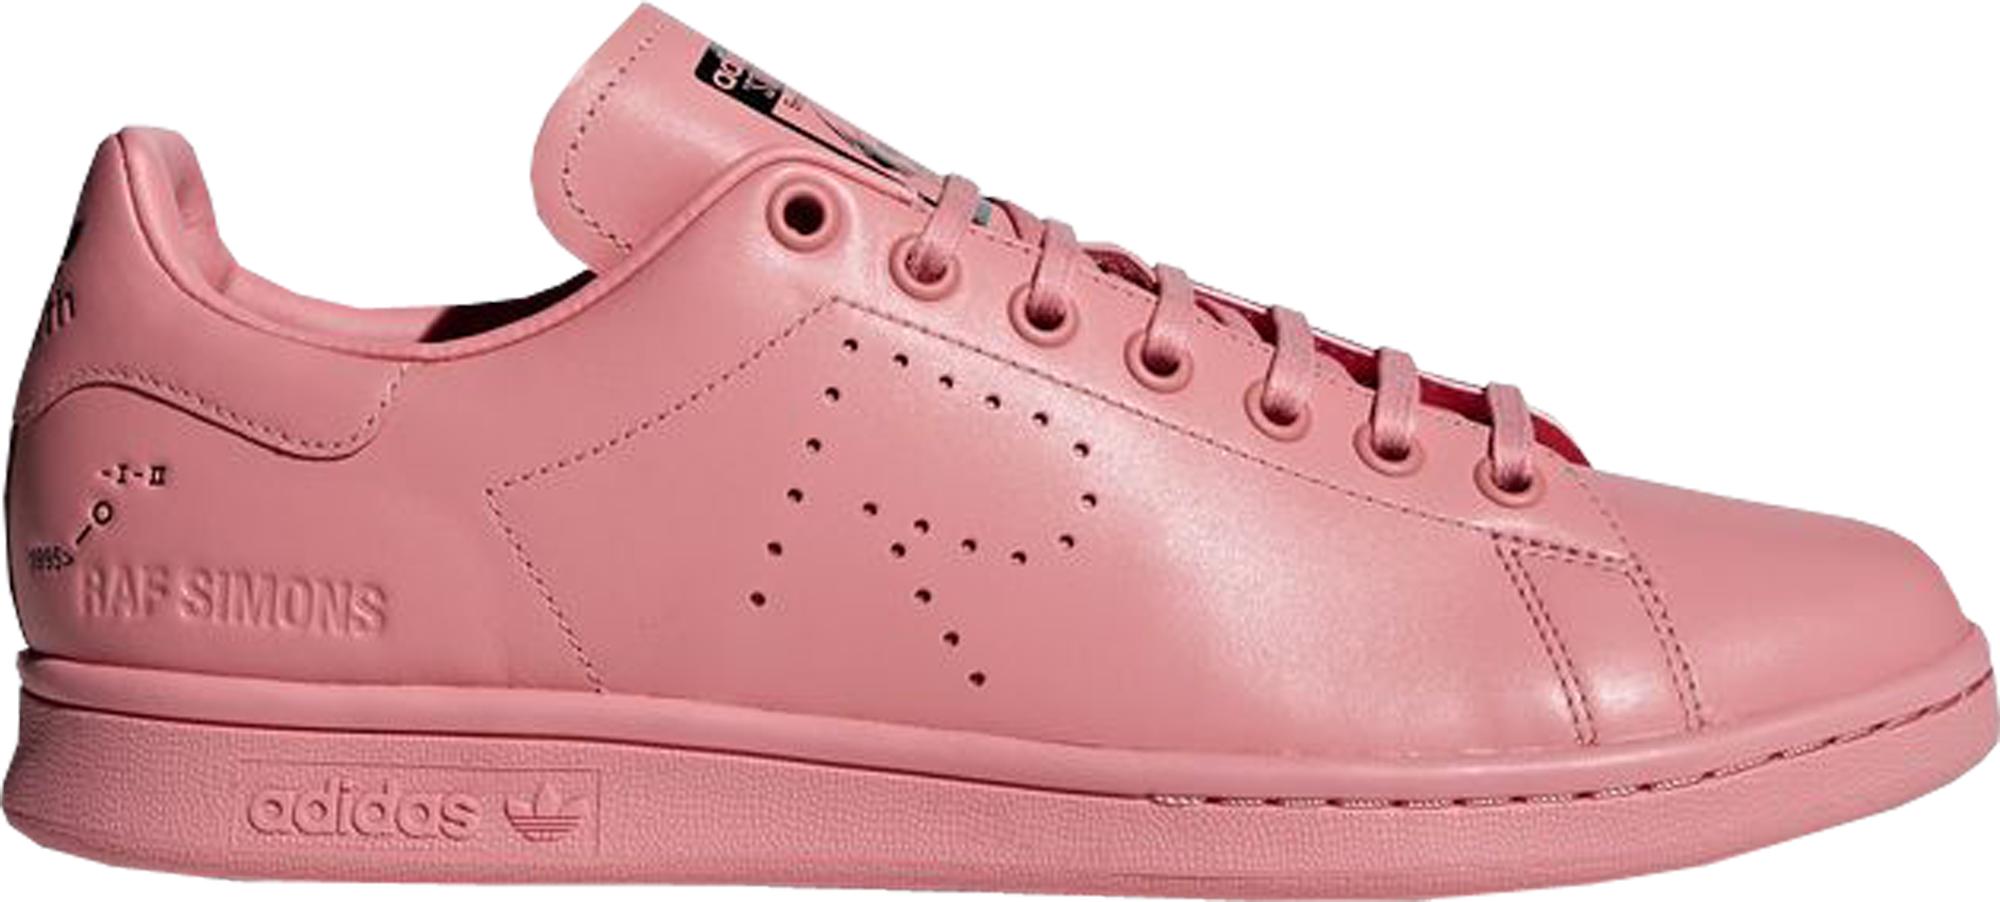 adidas Stan Smith Raf Simons Pink - F34269